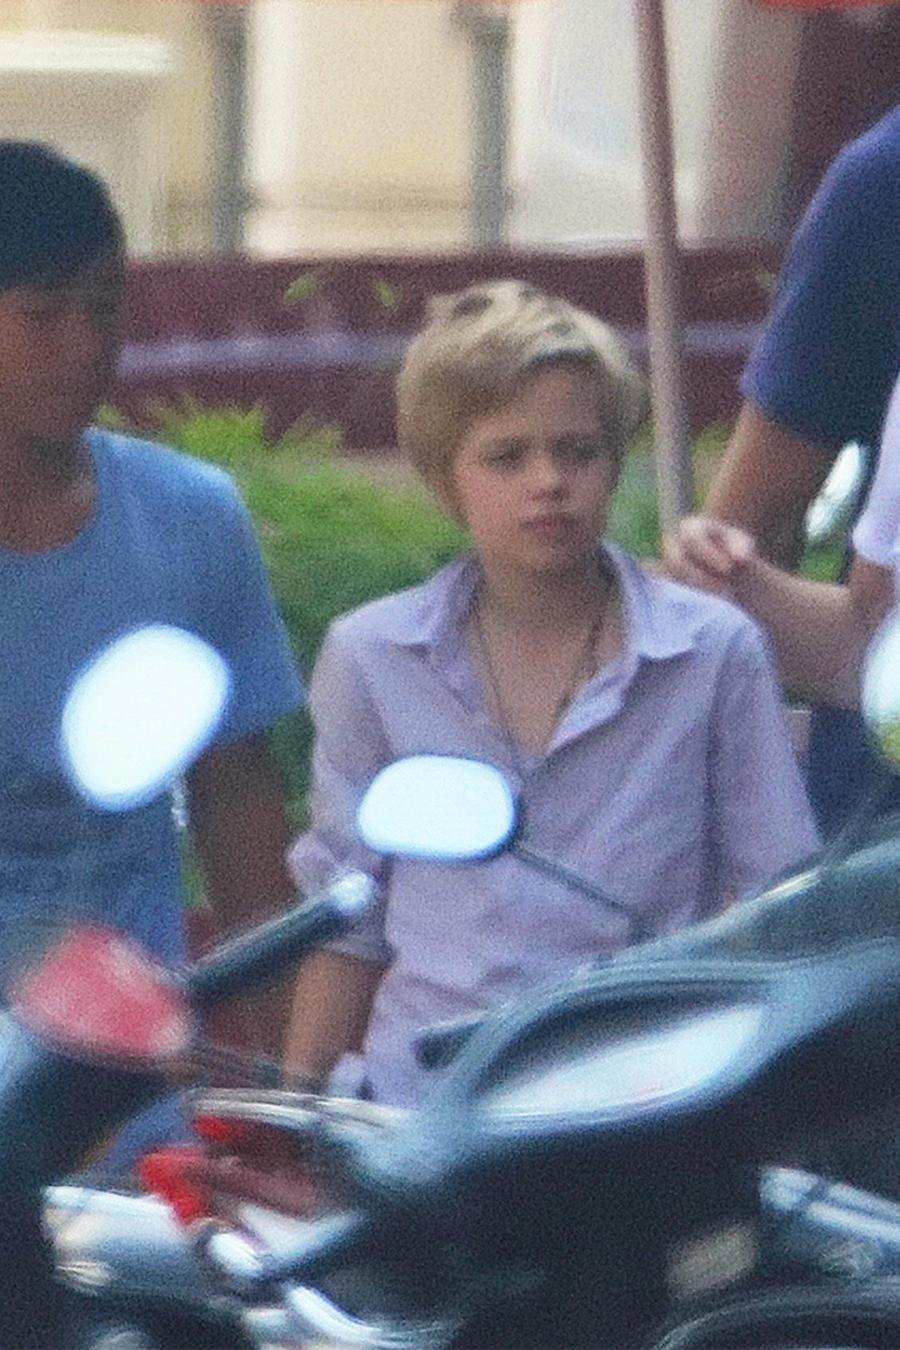 Shiloh y Pax Jolie-Pitt  durante su visita a Camboya.